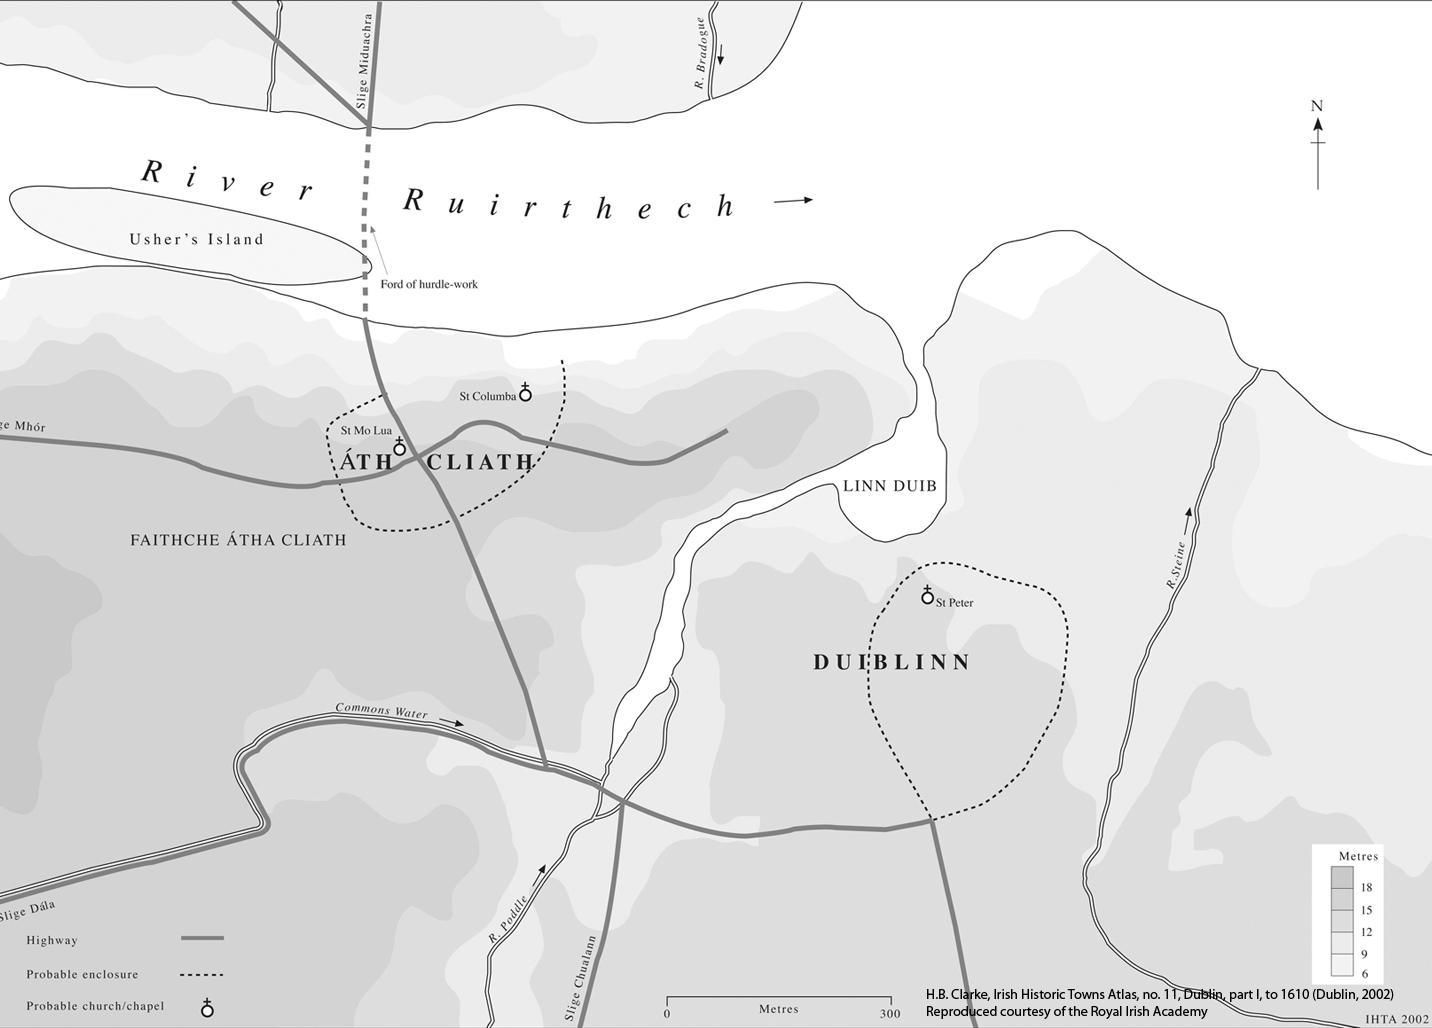 840C map